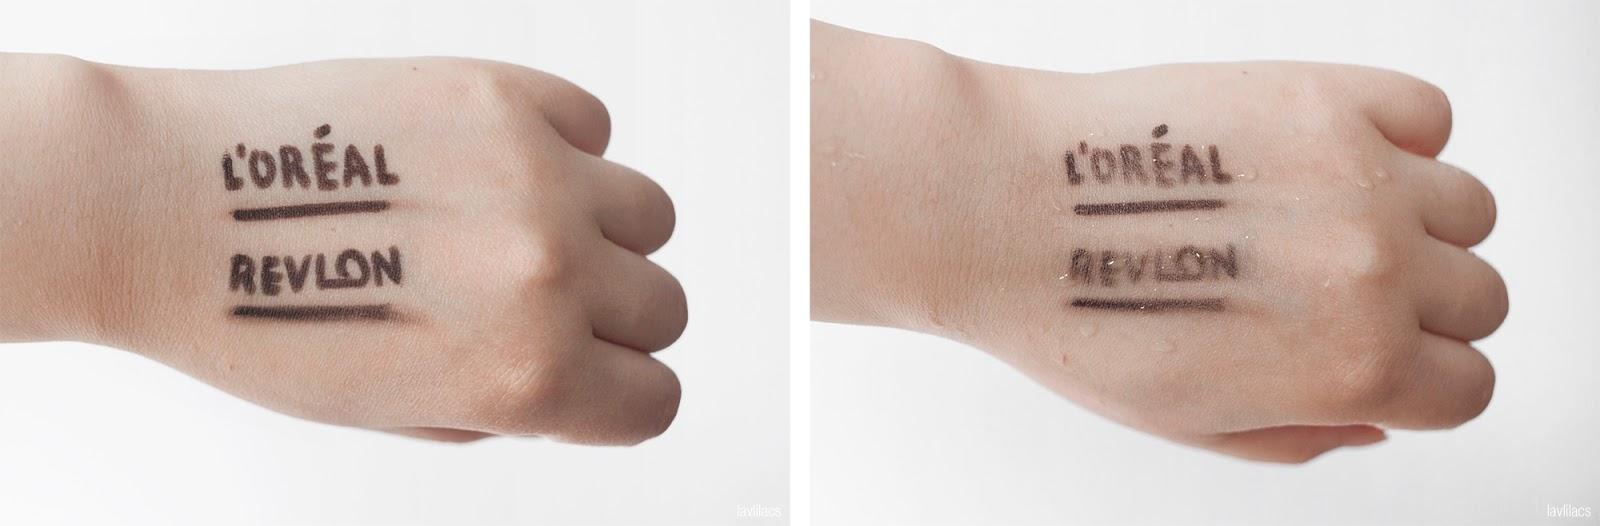 lavlilacs lavlilacs Retractable Eyeliner Comparison Review - L'Oreal Matte-Matic versus Revlon Colorstay swatches